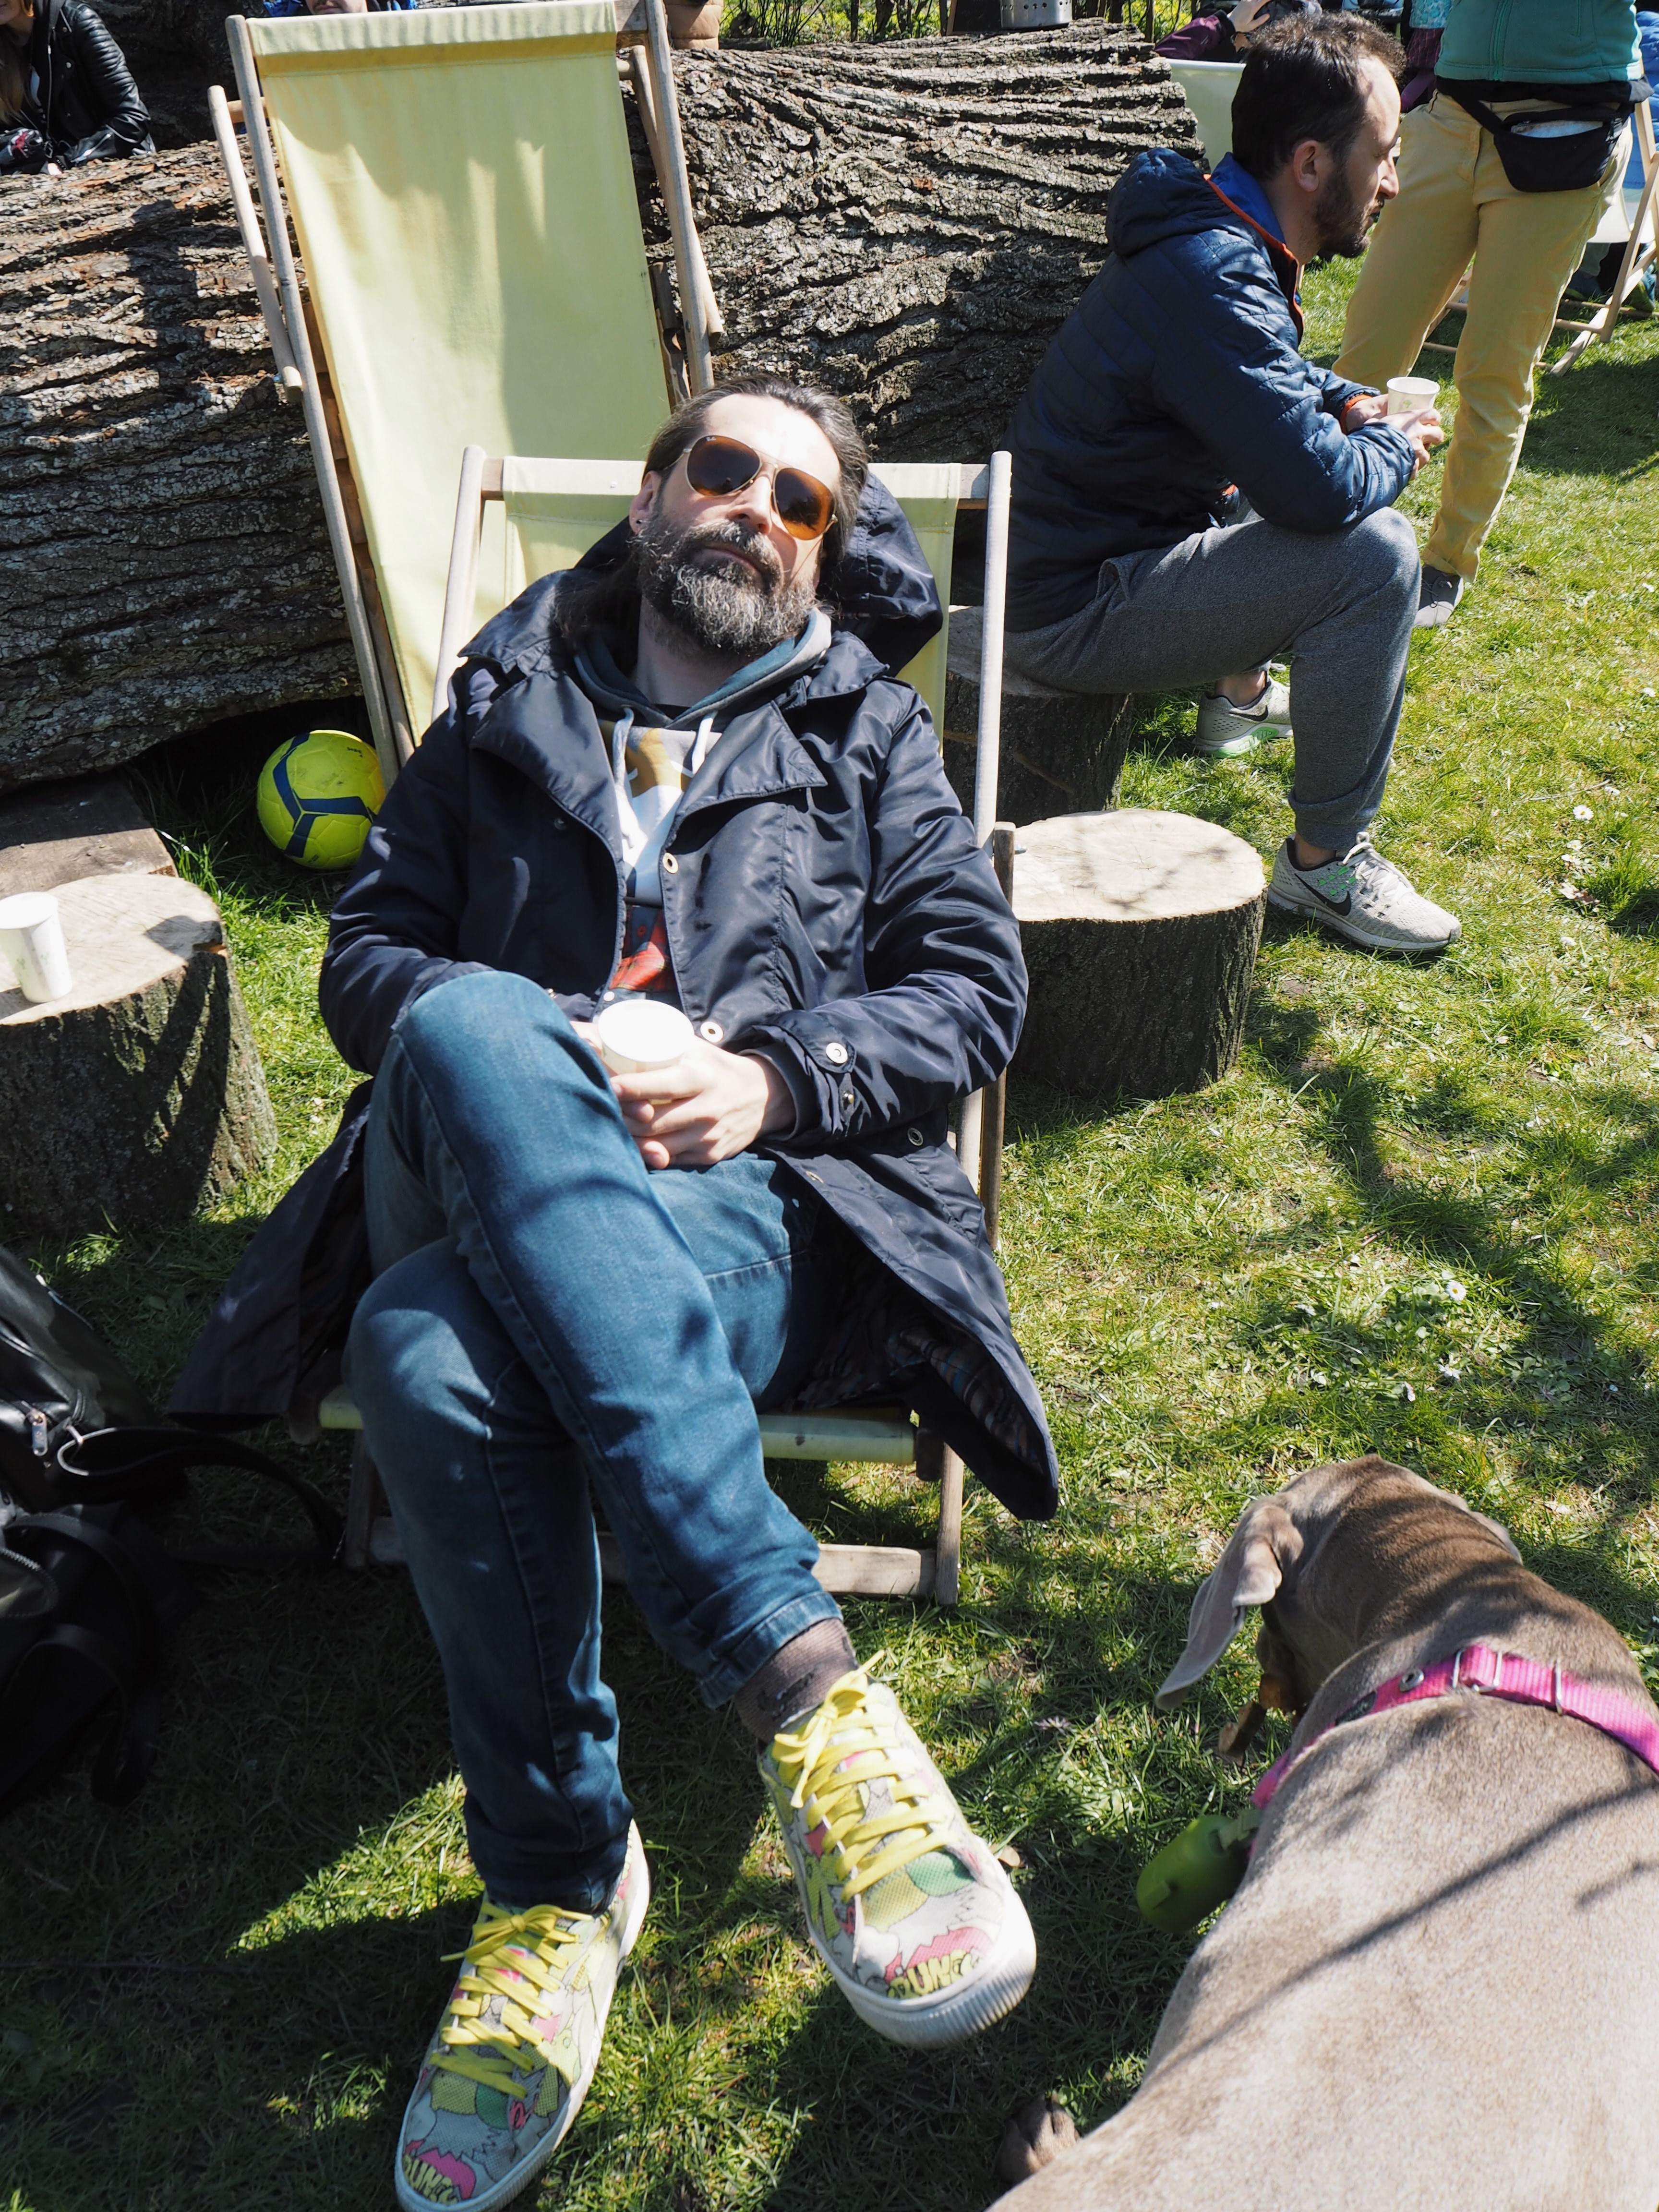 W tym samym czasie inni rozkoszowali się słońcem leżąc na leżaku.